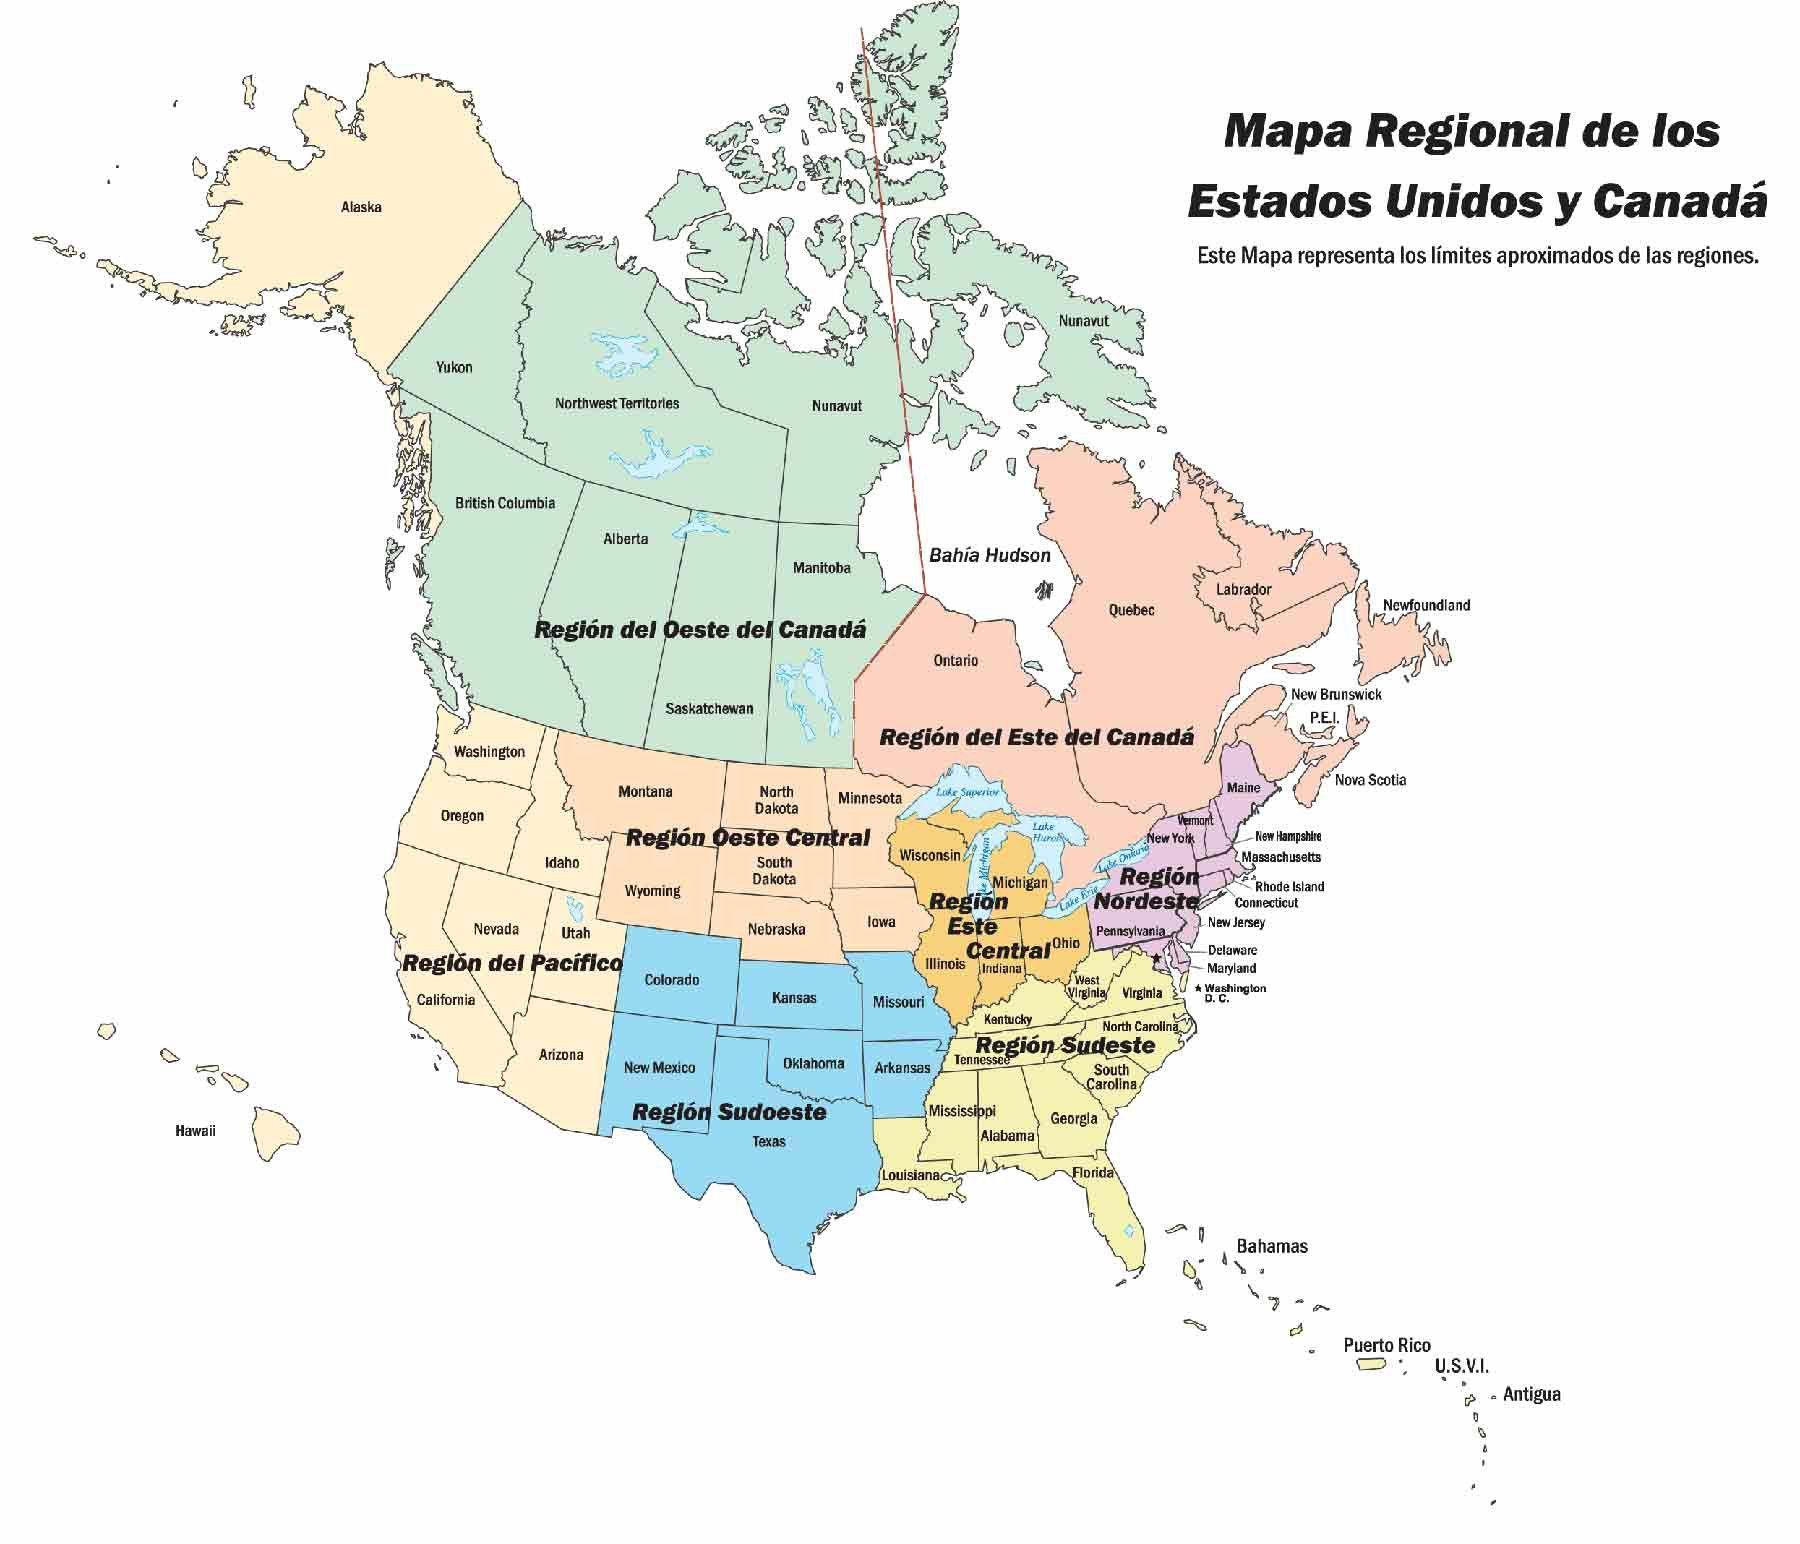 Mapa Politico De Los Estados Unidos Valid Mapa De Estados Unidos Y Canada Of Mapa Politico De Los Estados U Mapa De Estados Unidos Mapa Politico Estados Unidos